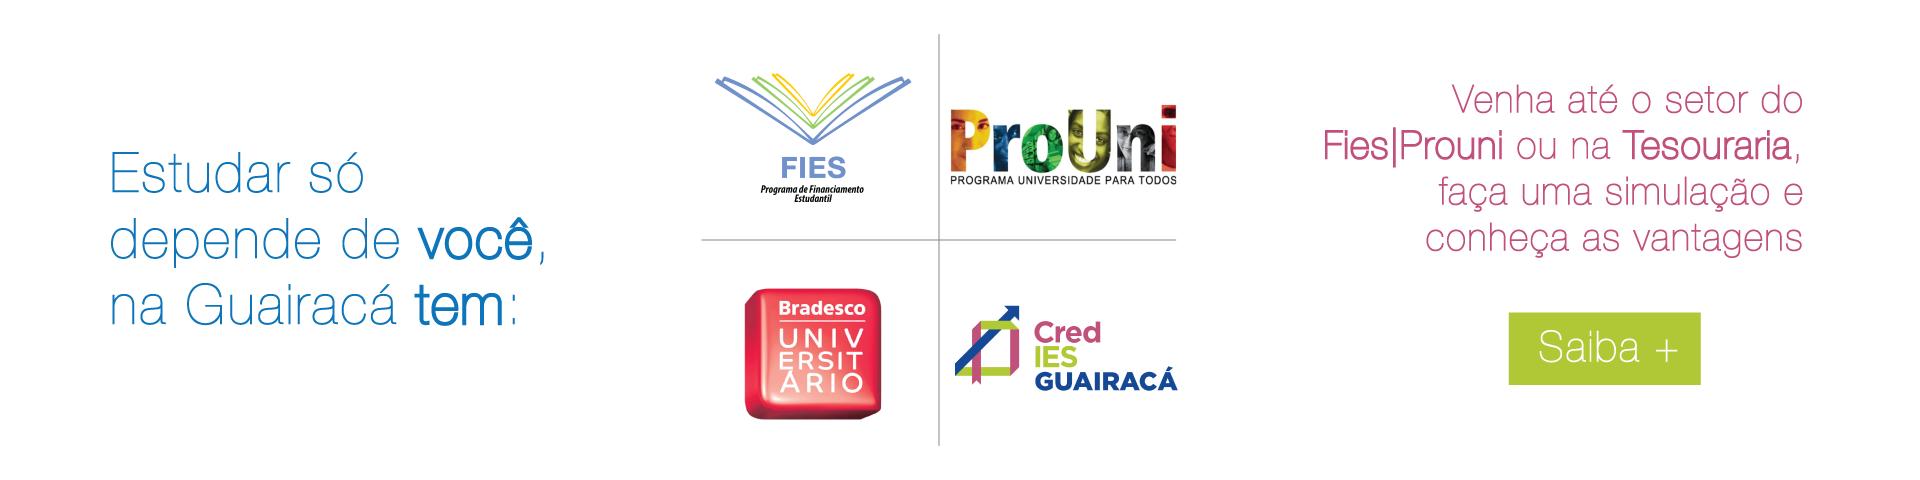 Prouni / Fies / Credies / Crédito Universitário